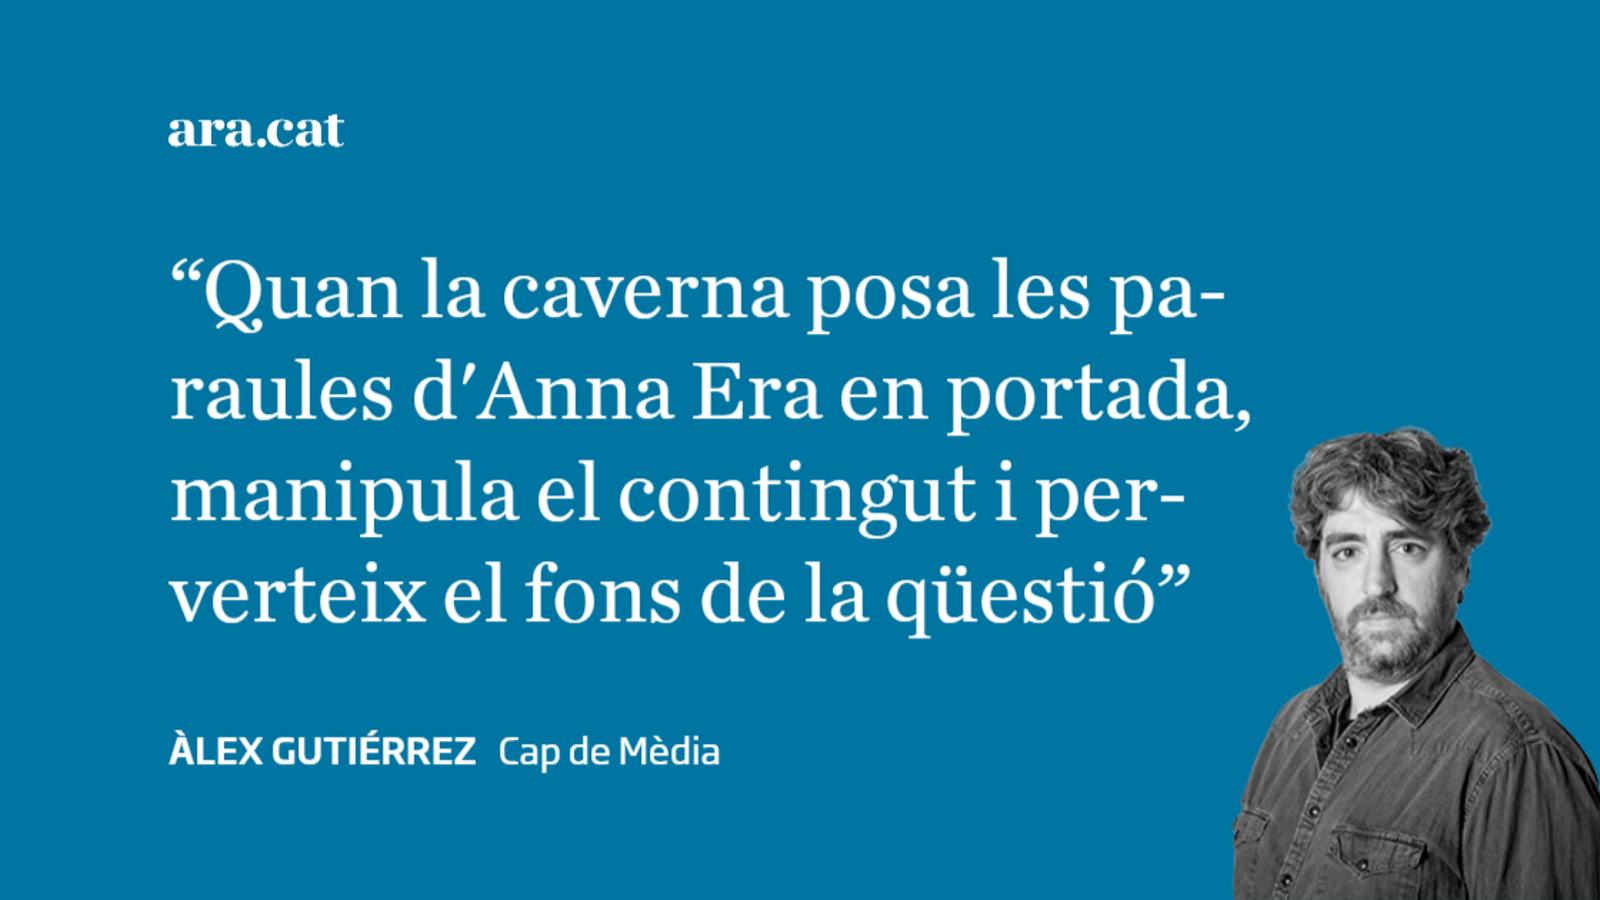 Anna Erra i el segrest del debat lingüístic